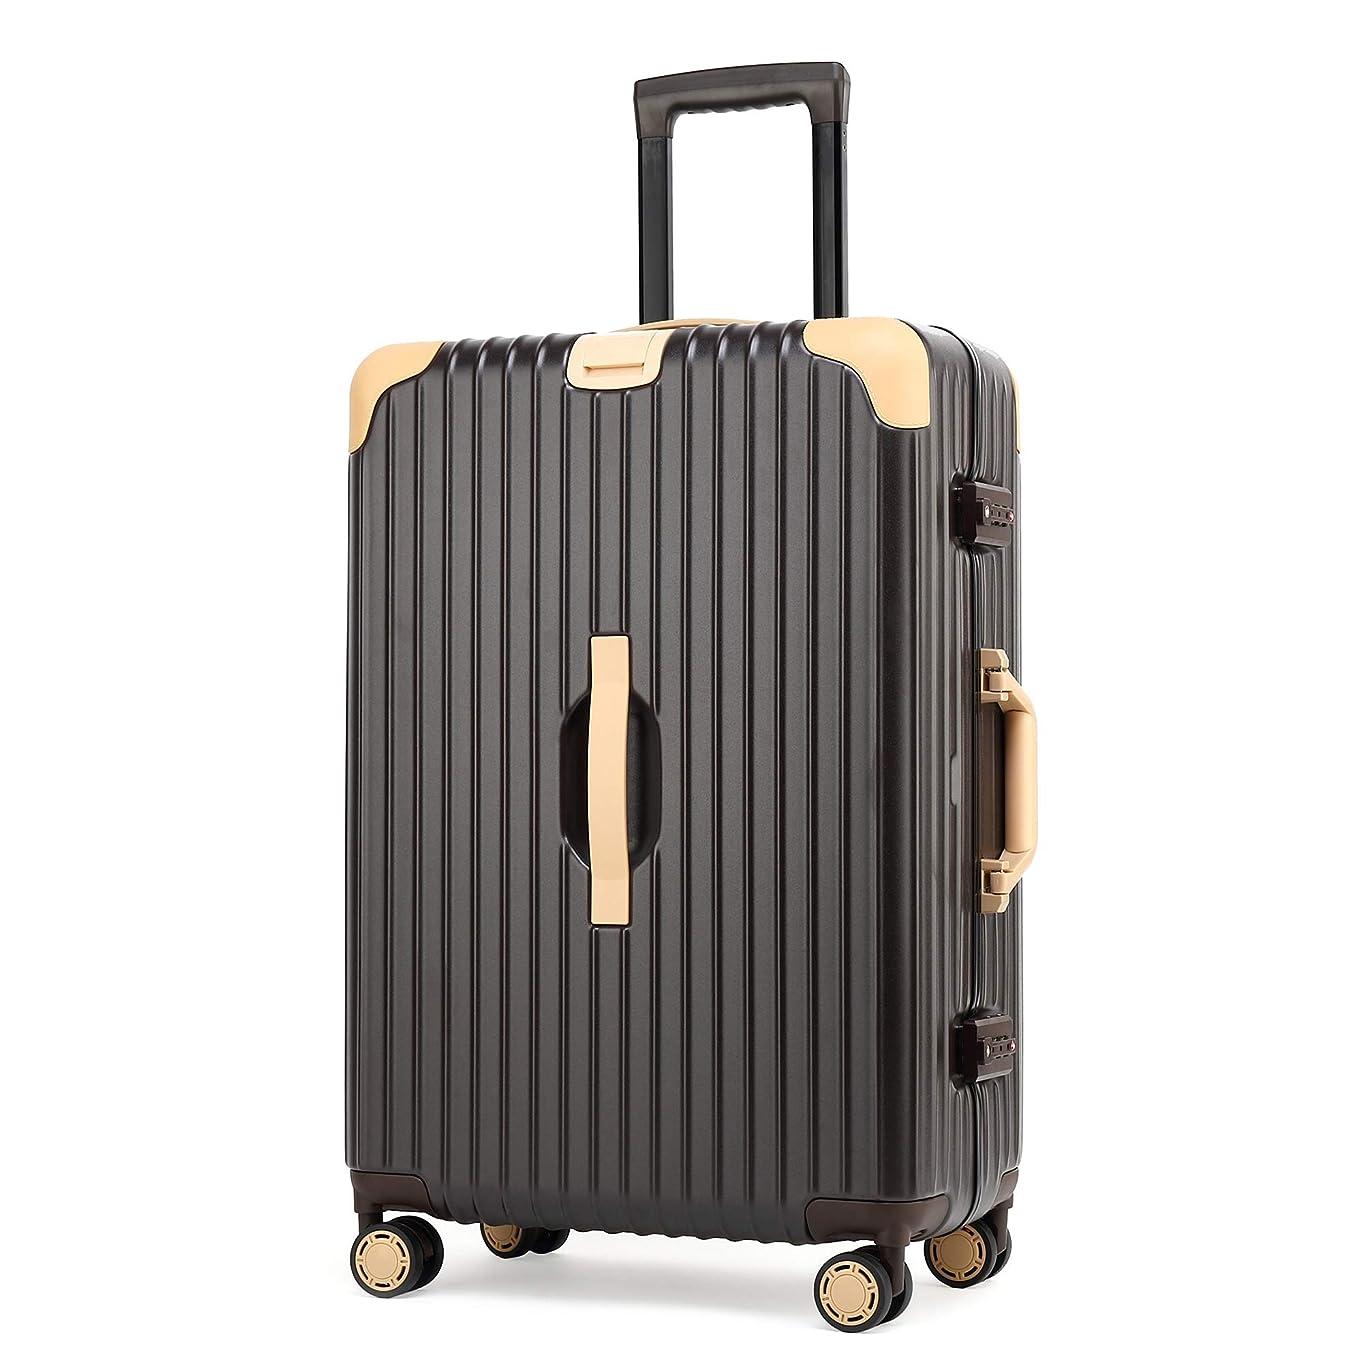 社会主義エイリアン広告主Kroeus(クロース)スーツケース 人気 4輪ダブルキャスター 安定性 軽量 大容量 キャリーケース 旅行 出張 TSAロック 隠しフック 透明カバー 一年保証